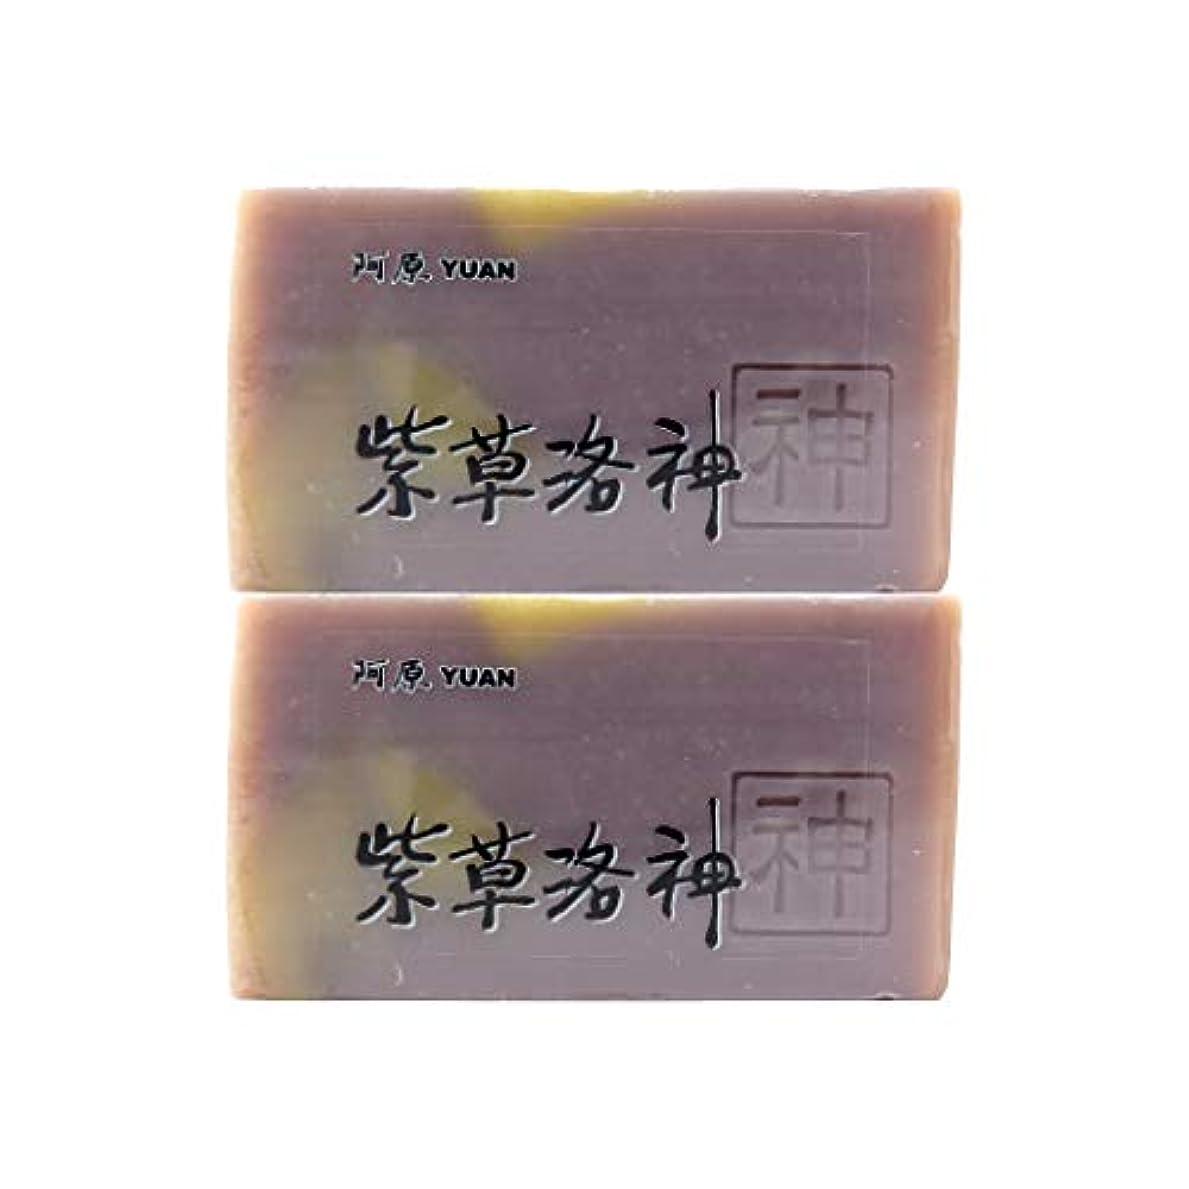 移行するペンス協力するユアン(YUAN) ハイビスカスソープ 100g (2個セット)